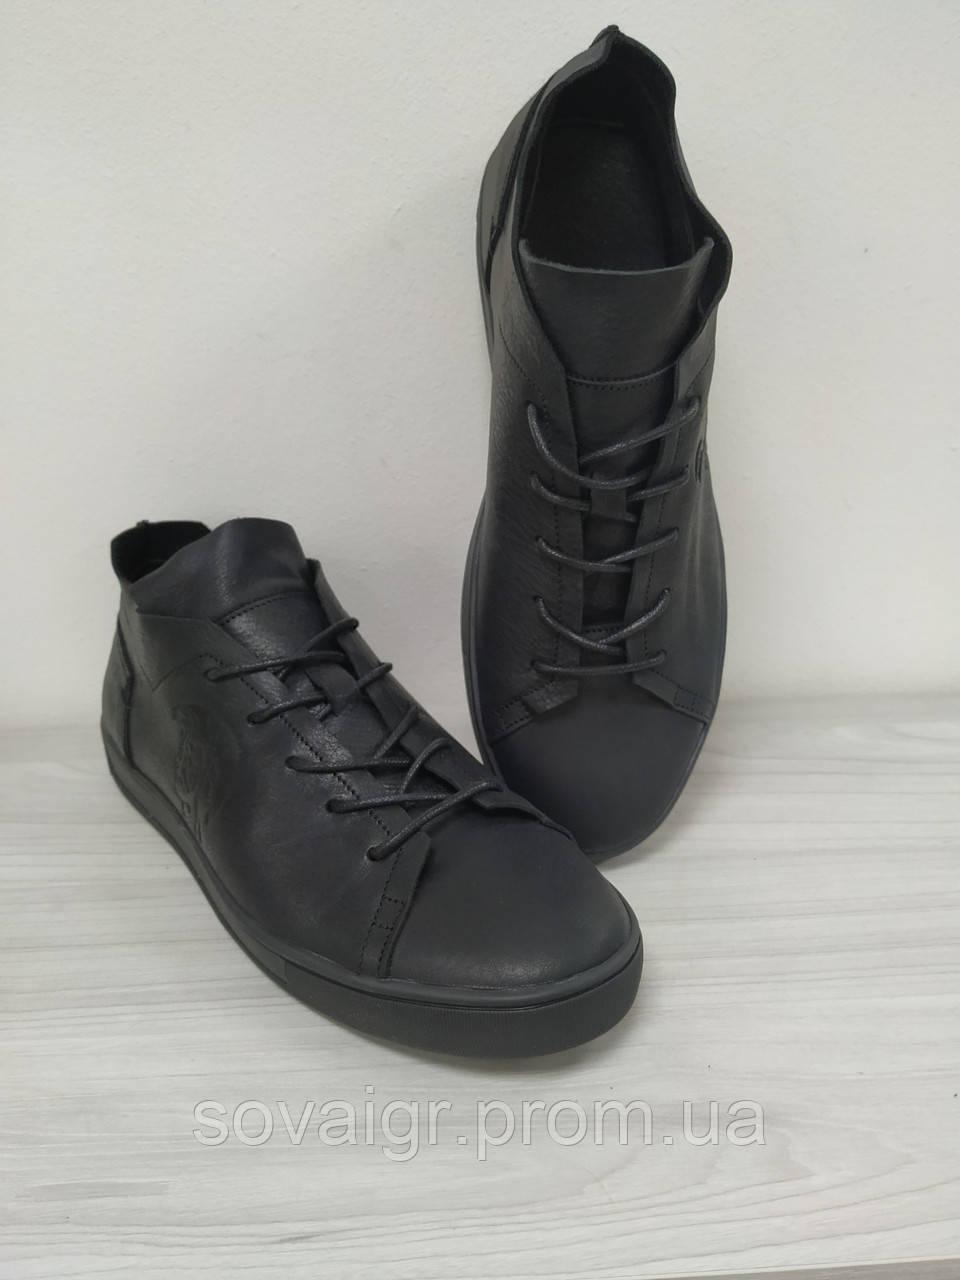 Кроссовки кожаные черные подростковые Disel! Скидка!!! - 40%